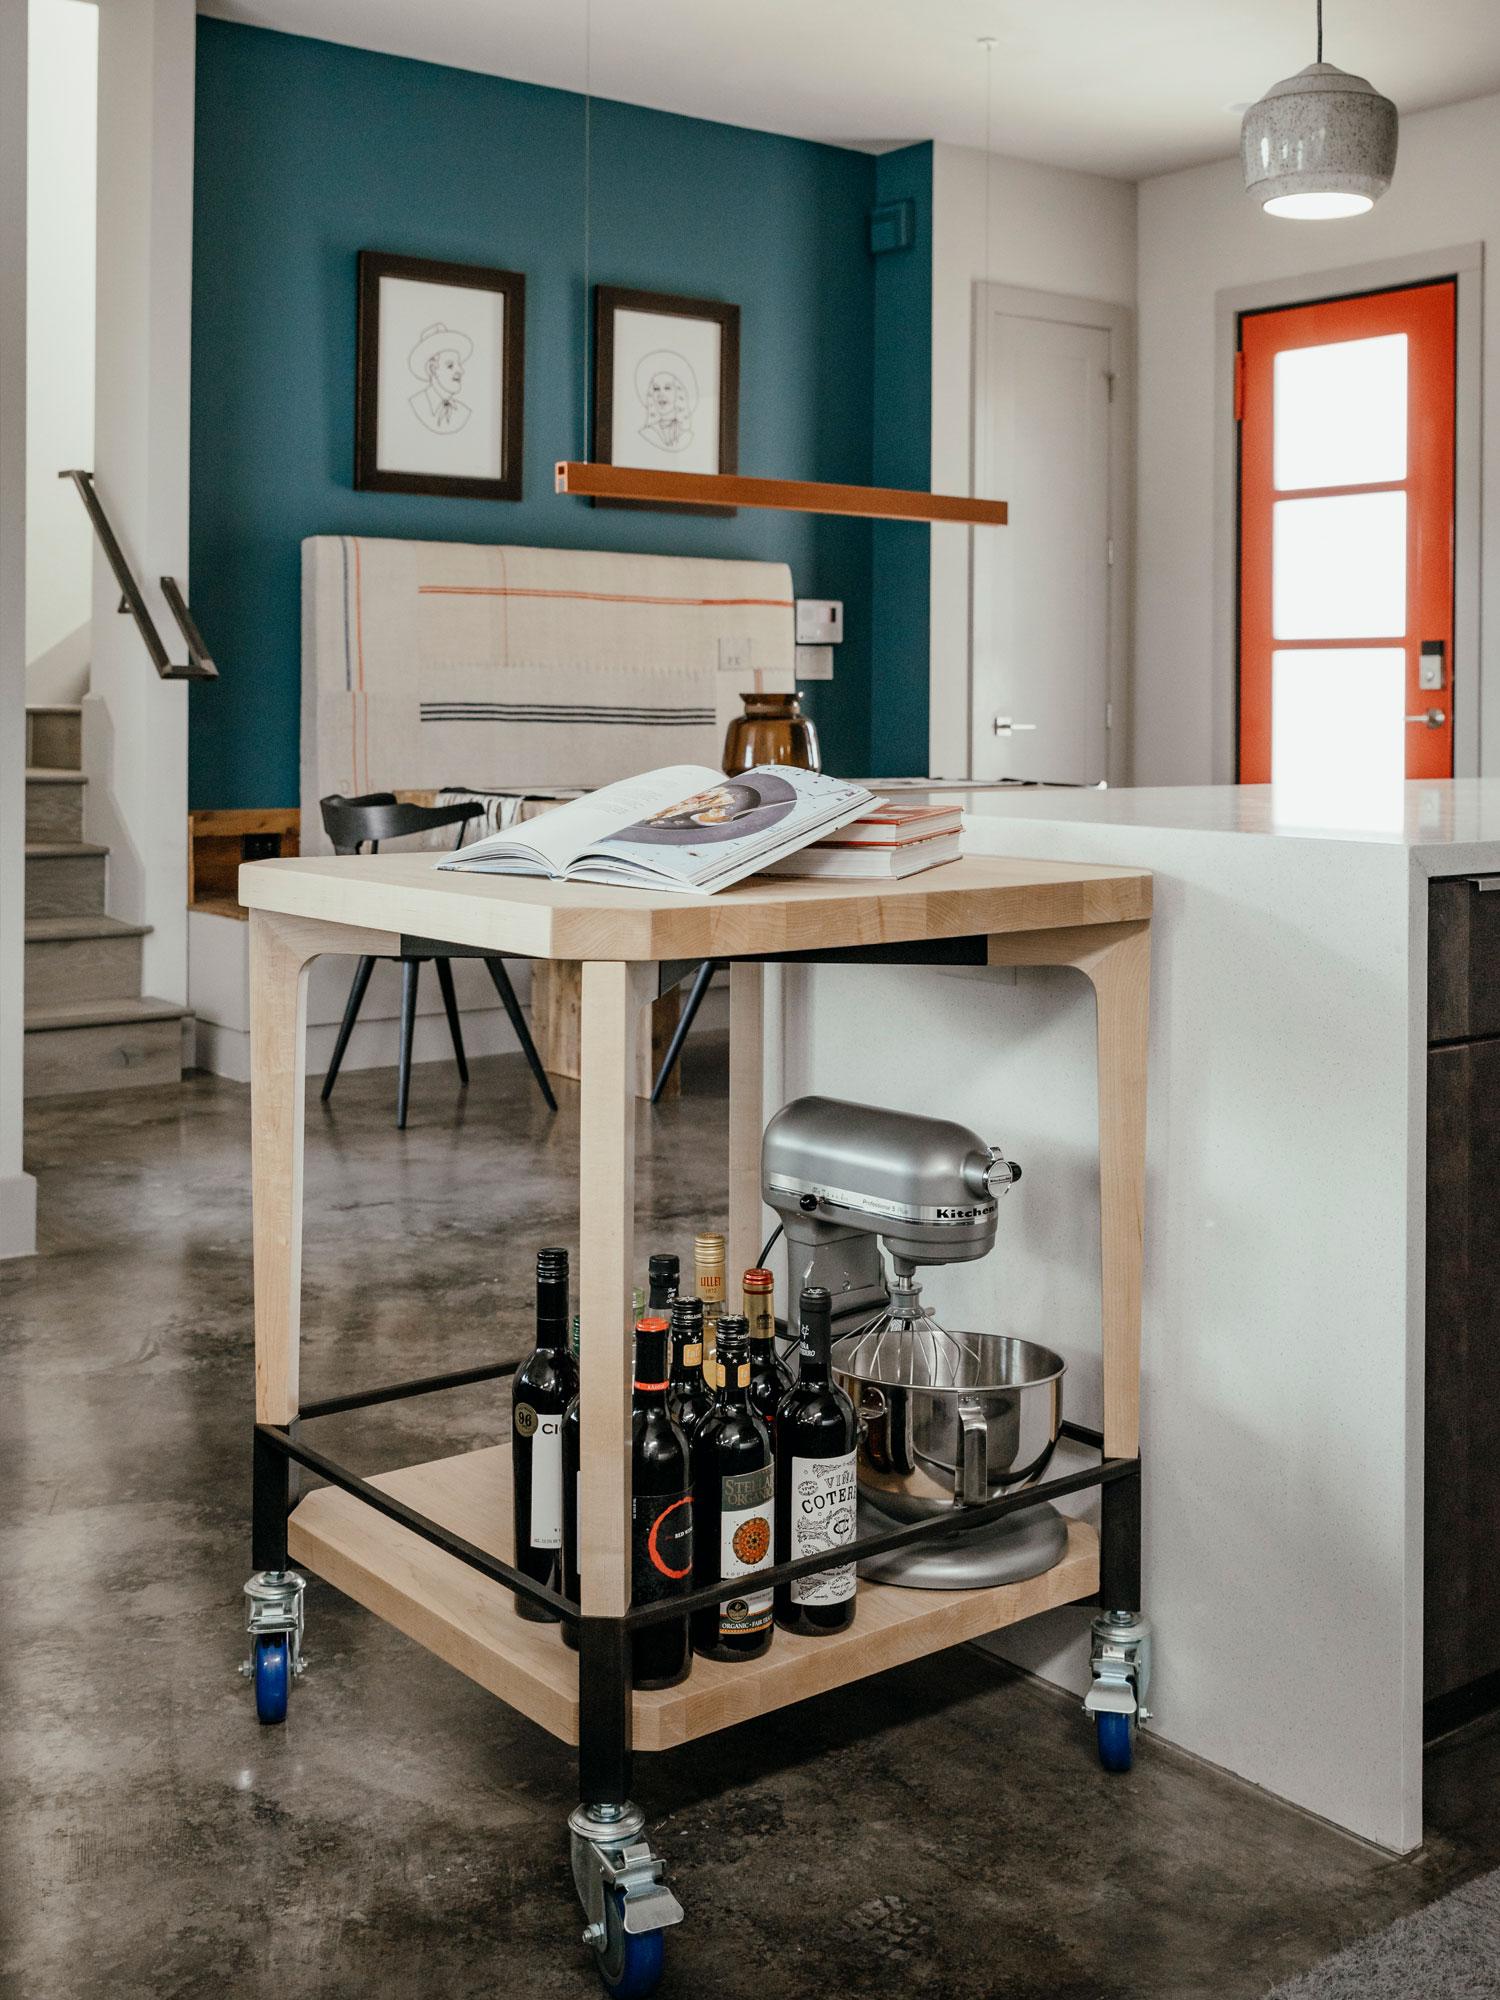 McCray&Co_East-Austin-Residence_Bar-Cart.jpg